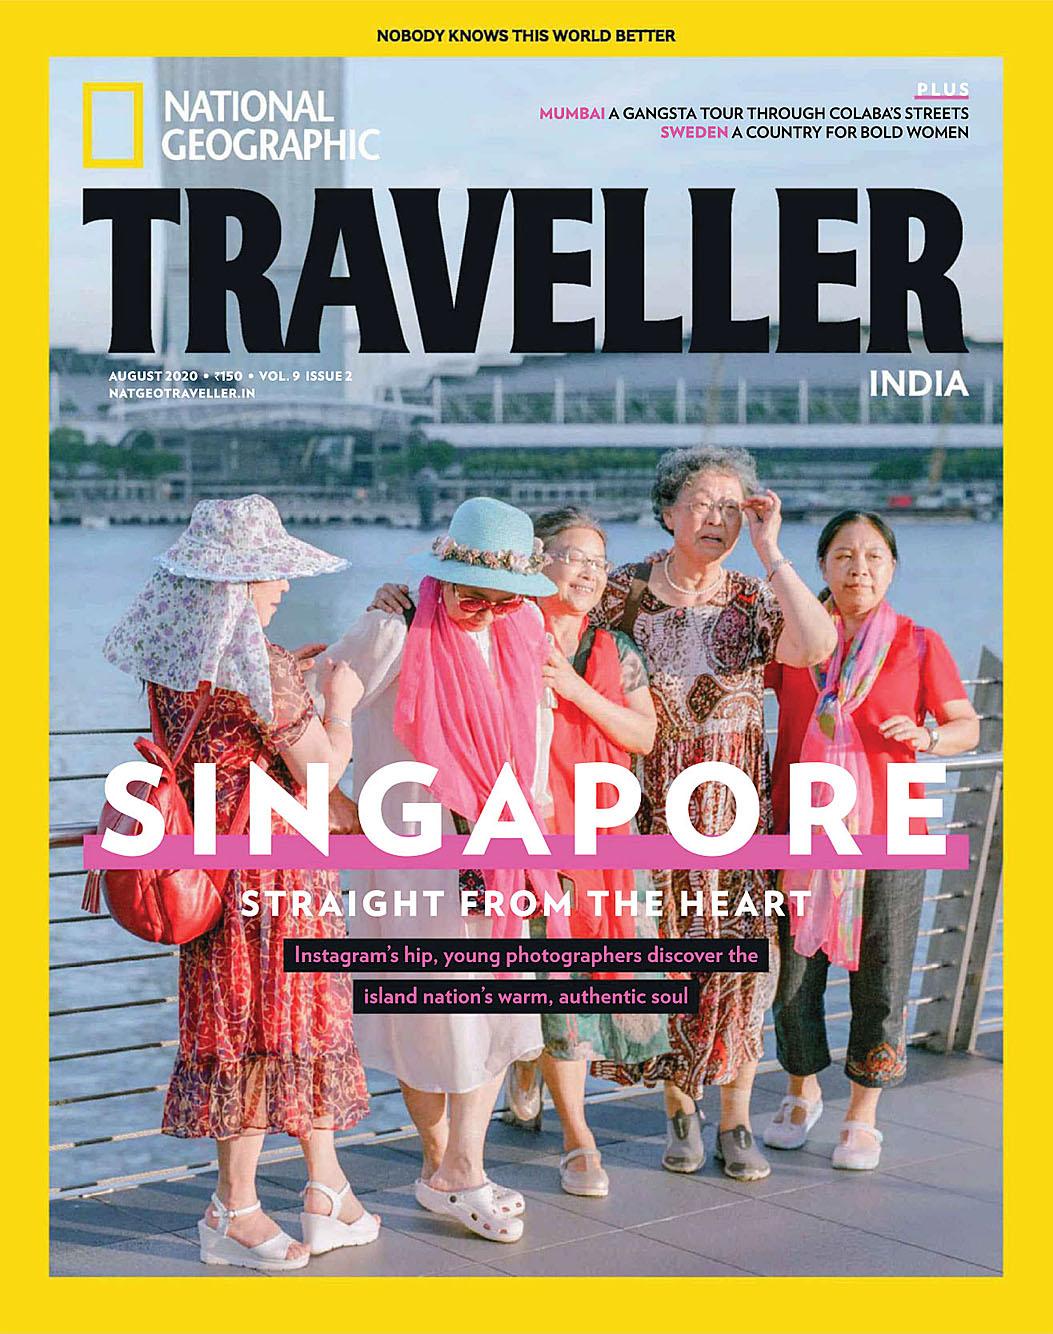 NG Traveller India 2020-08 Singapore 01.jpg